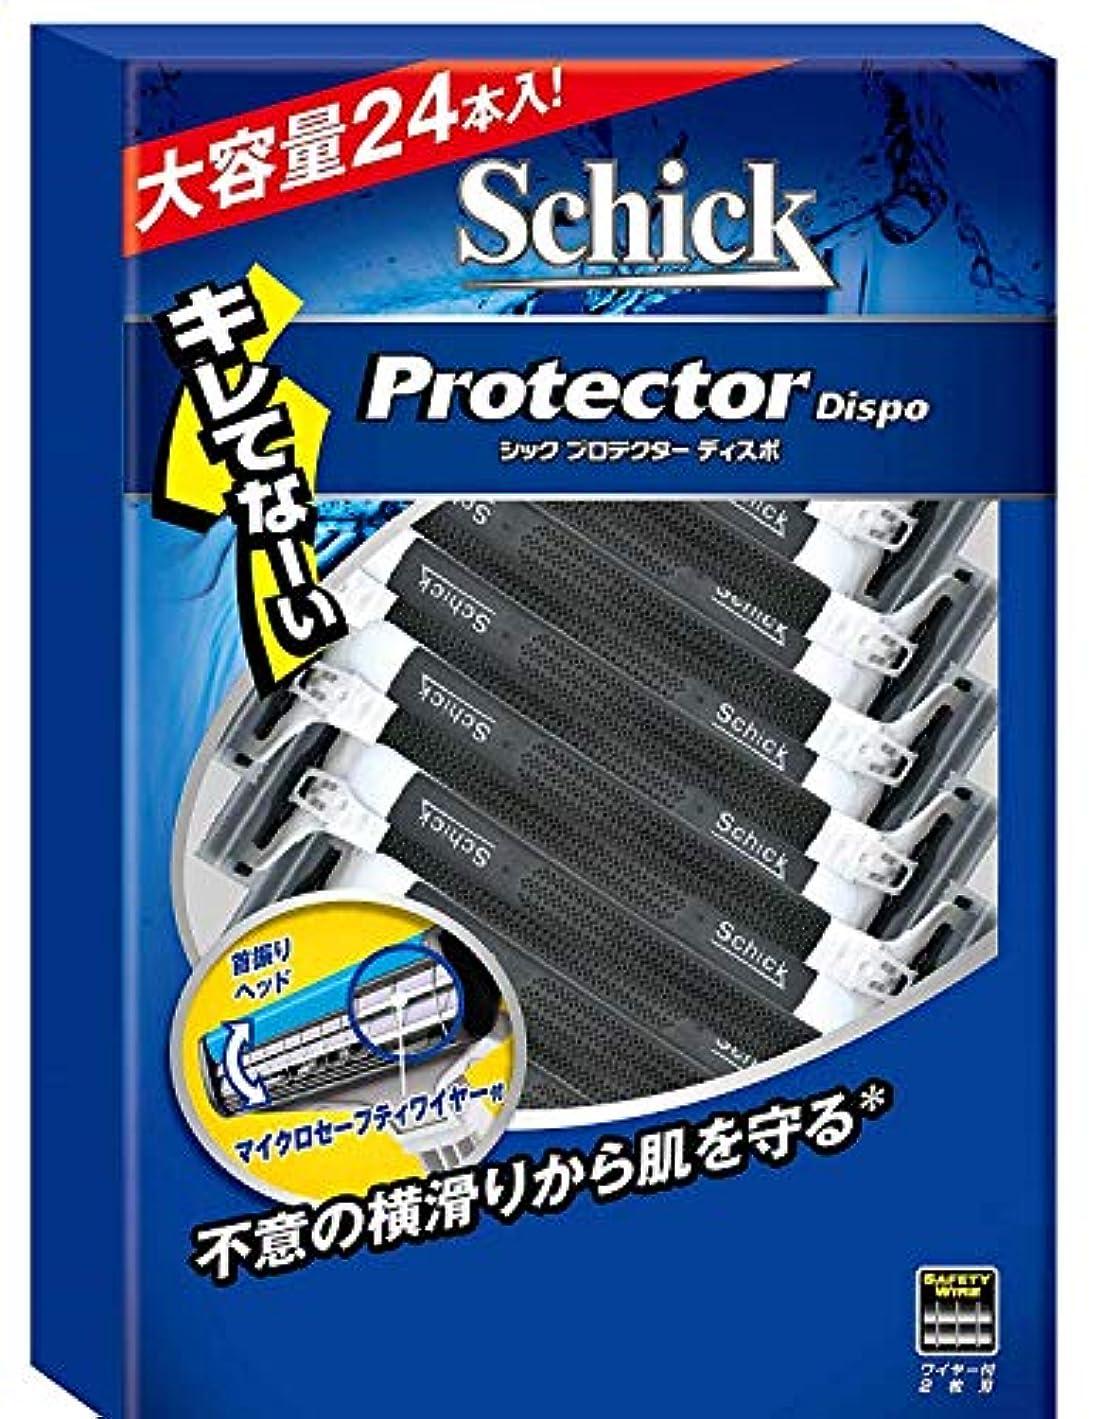 大容量 シック プロテクターディスポ 使い捨て (24本入) バリューパック